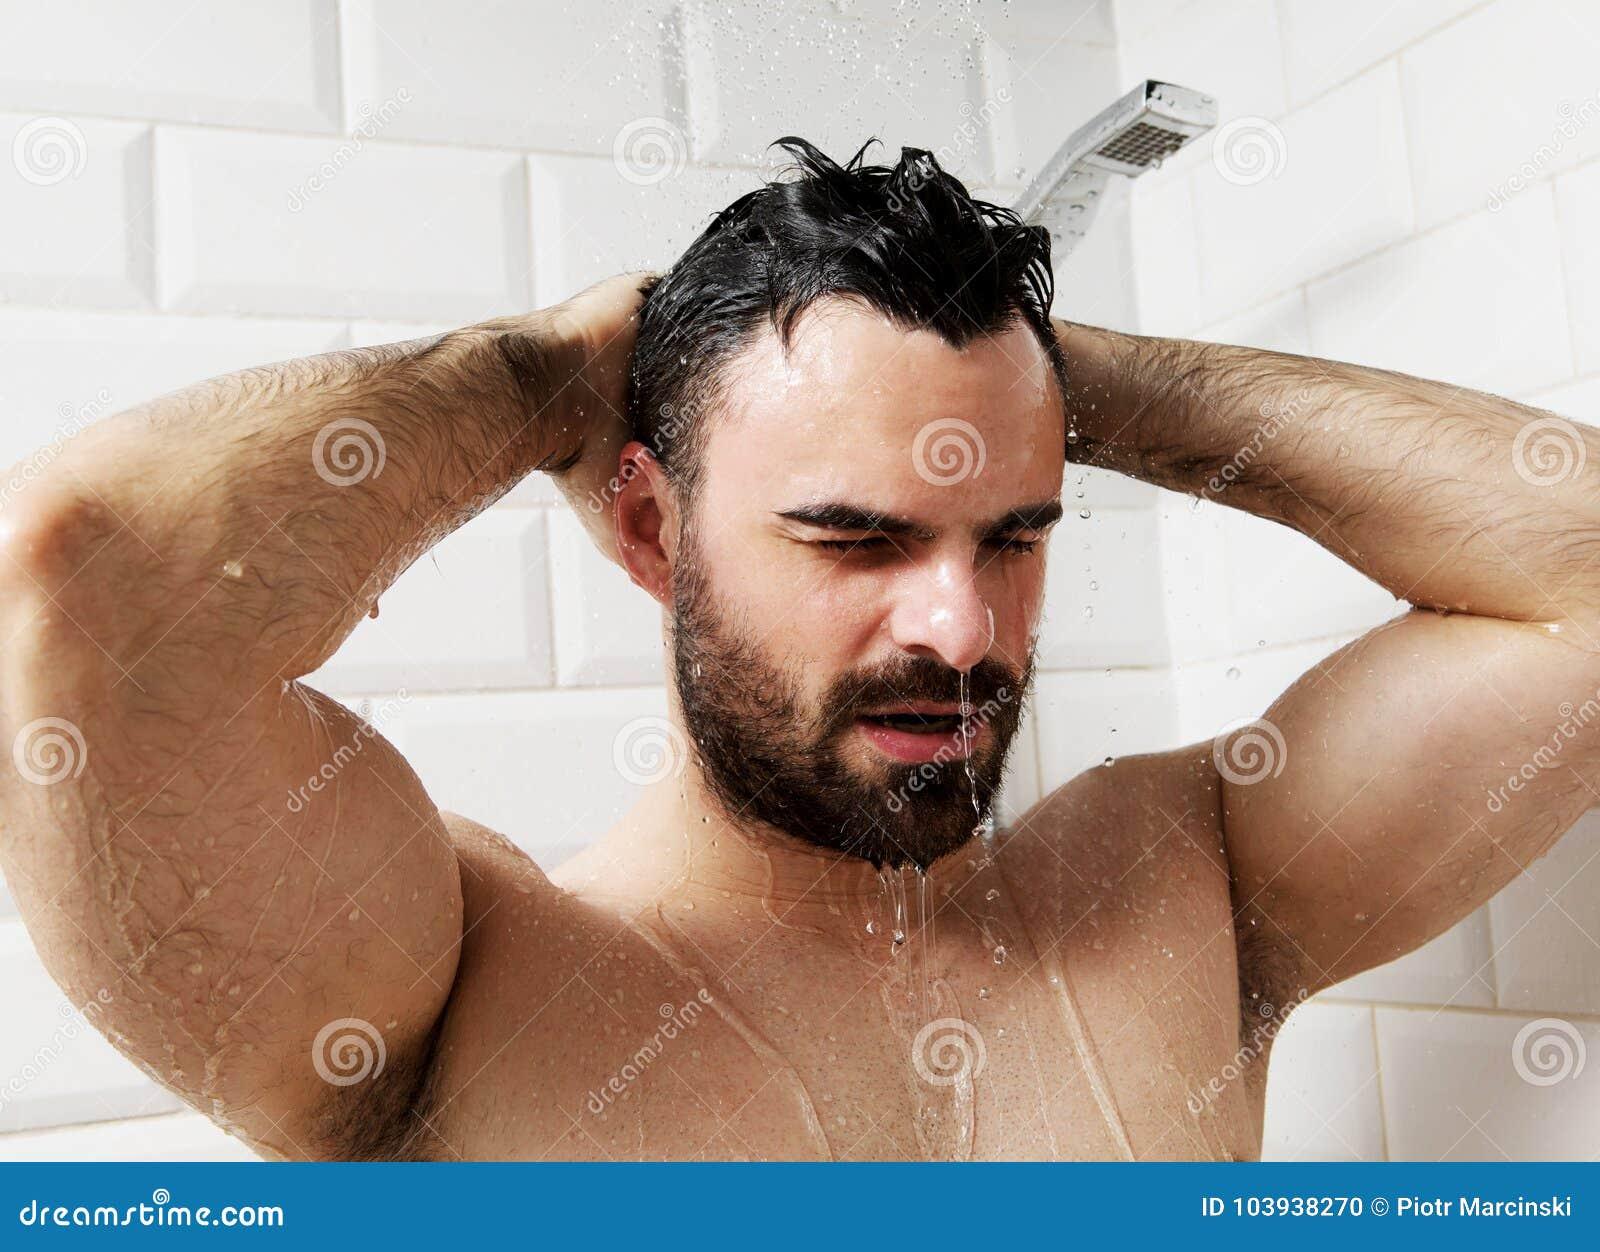 giovane in doccia video di sesso anale come